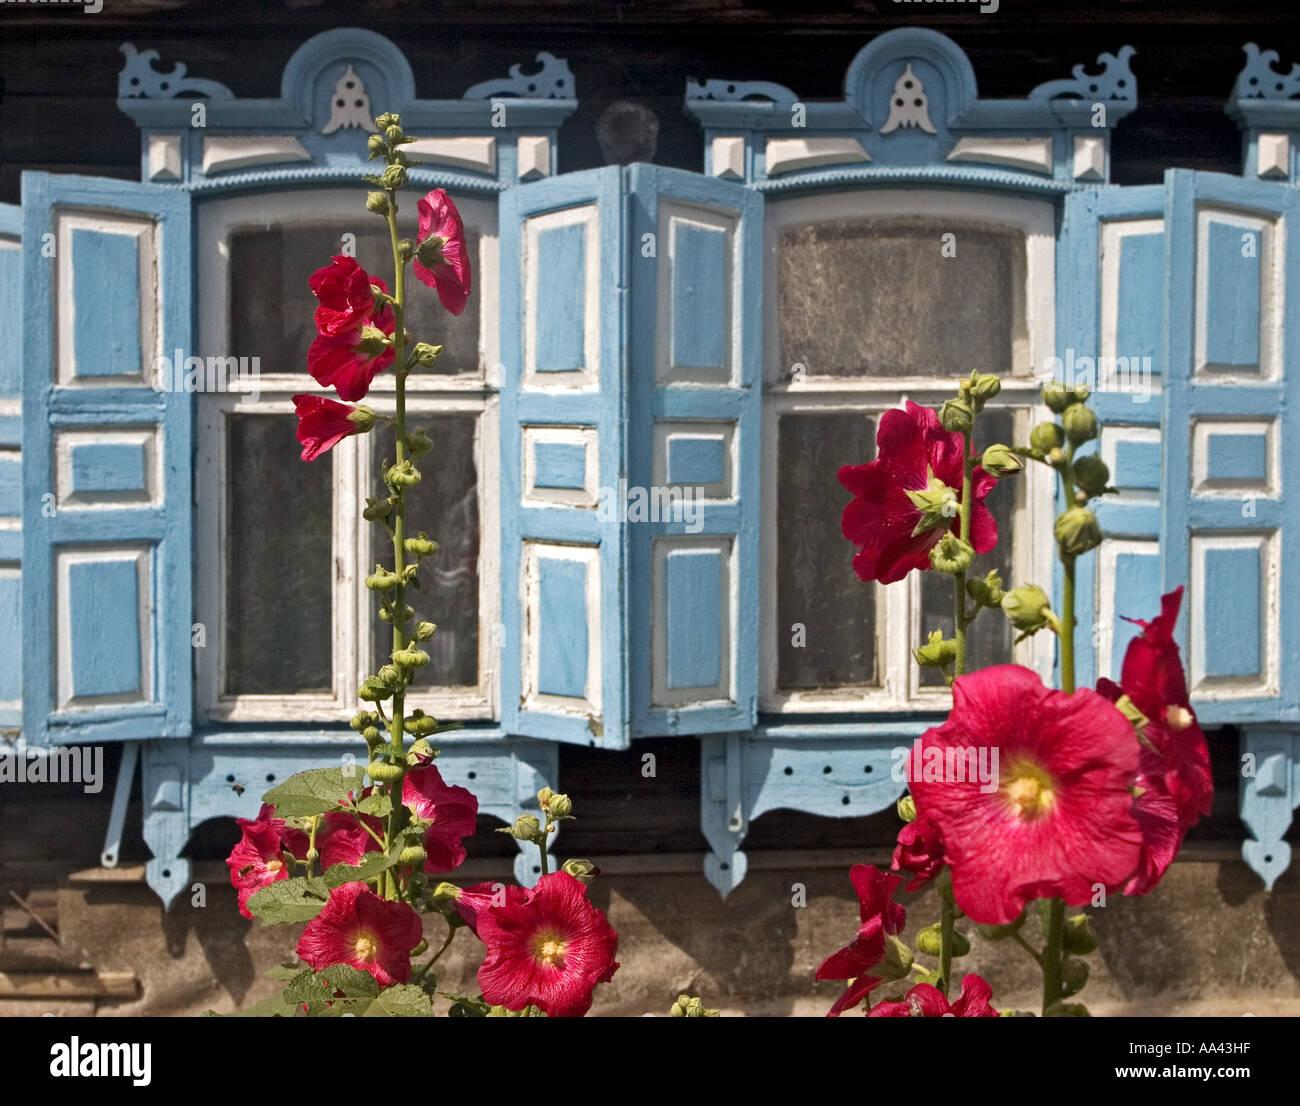 Flores de verano en frente de hermosas ventanas con marcos ...